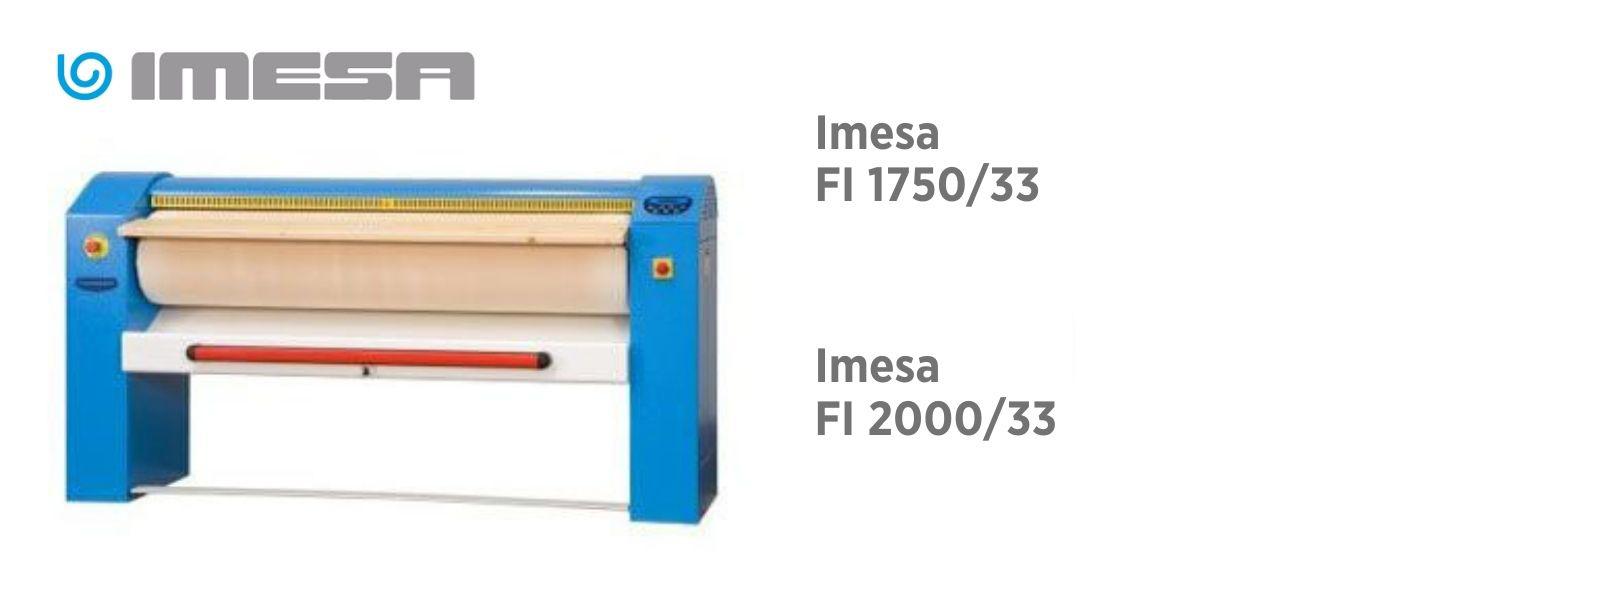 Гладильные катки IMESA в наличии